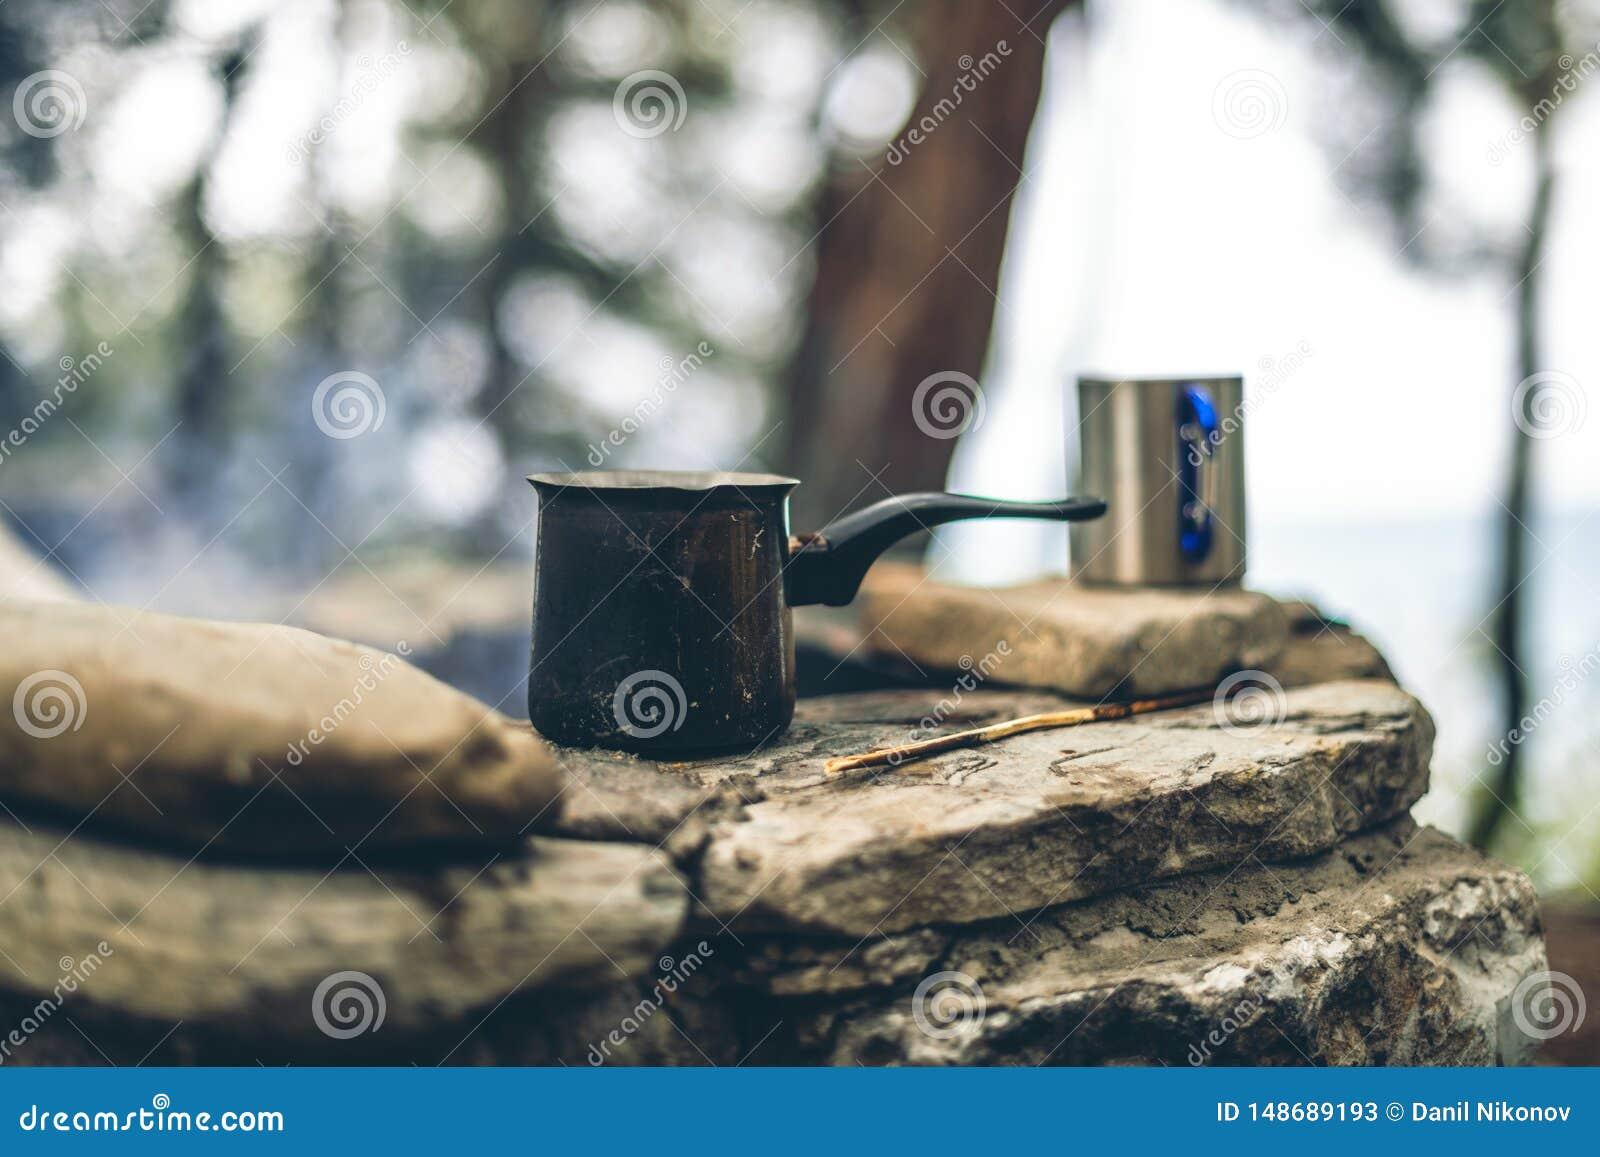 Framst?llning av kaffe i cezve p? spisen, n?r campa eller fotvandra kaffe p? l?gereld